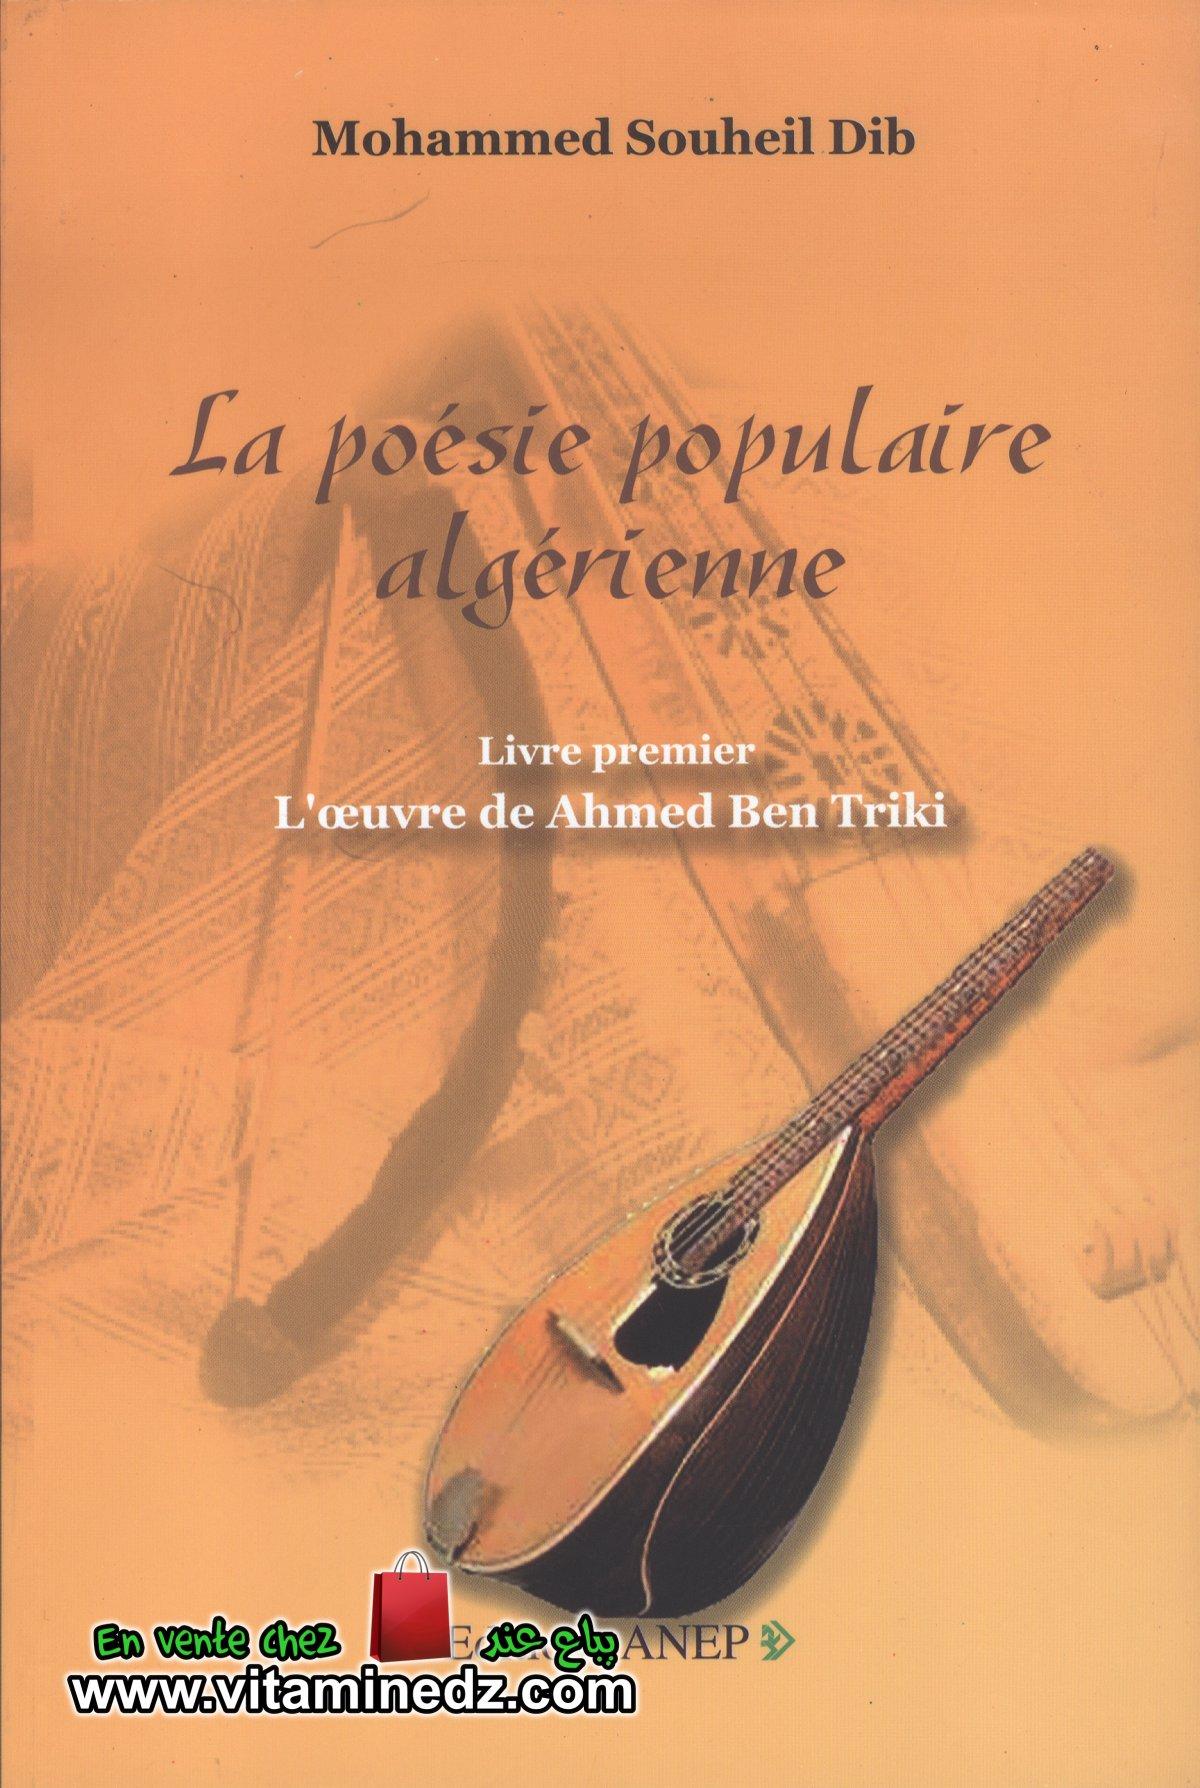 Mohammed Souheil Dib - La poésie populaire algérienne,livre premier: l'œuvre de Ahmed ben triki